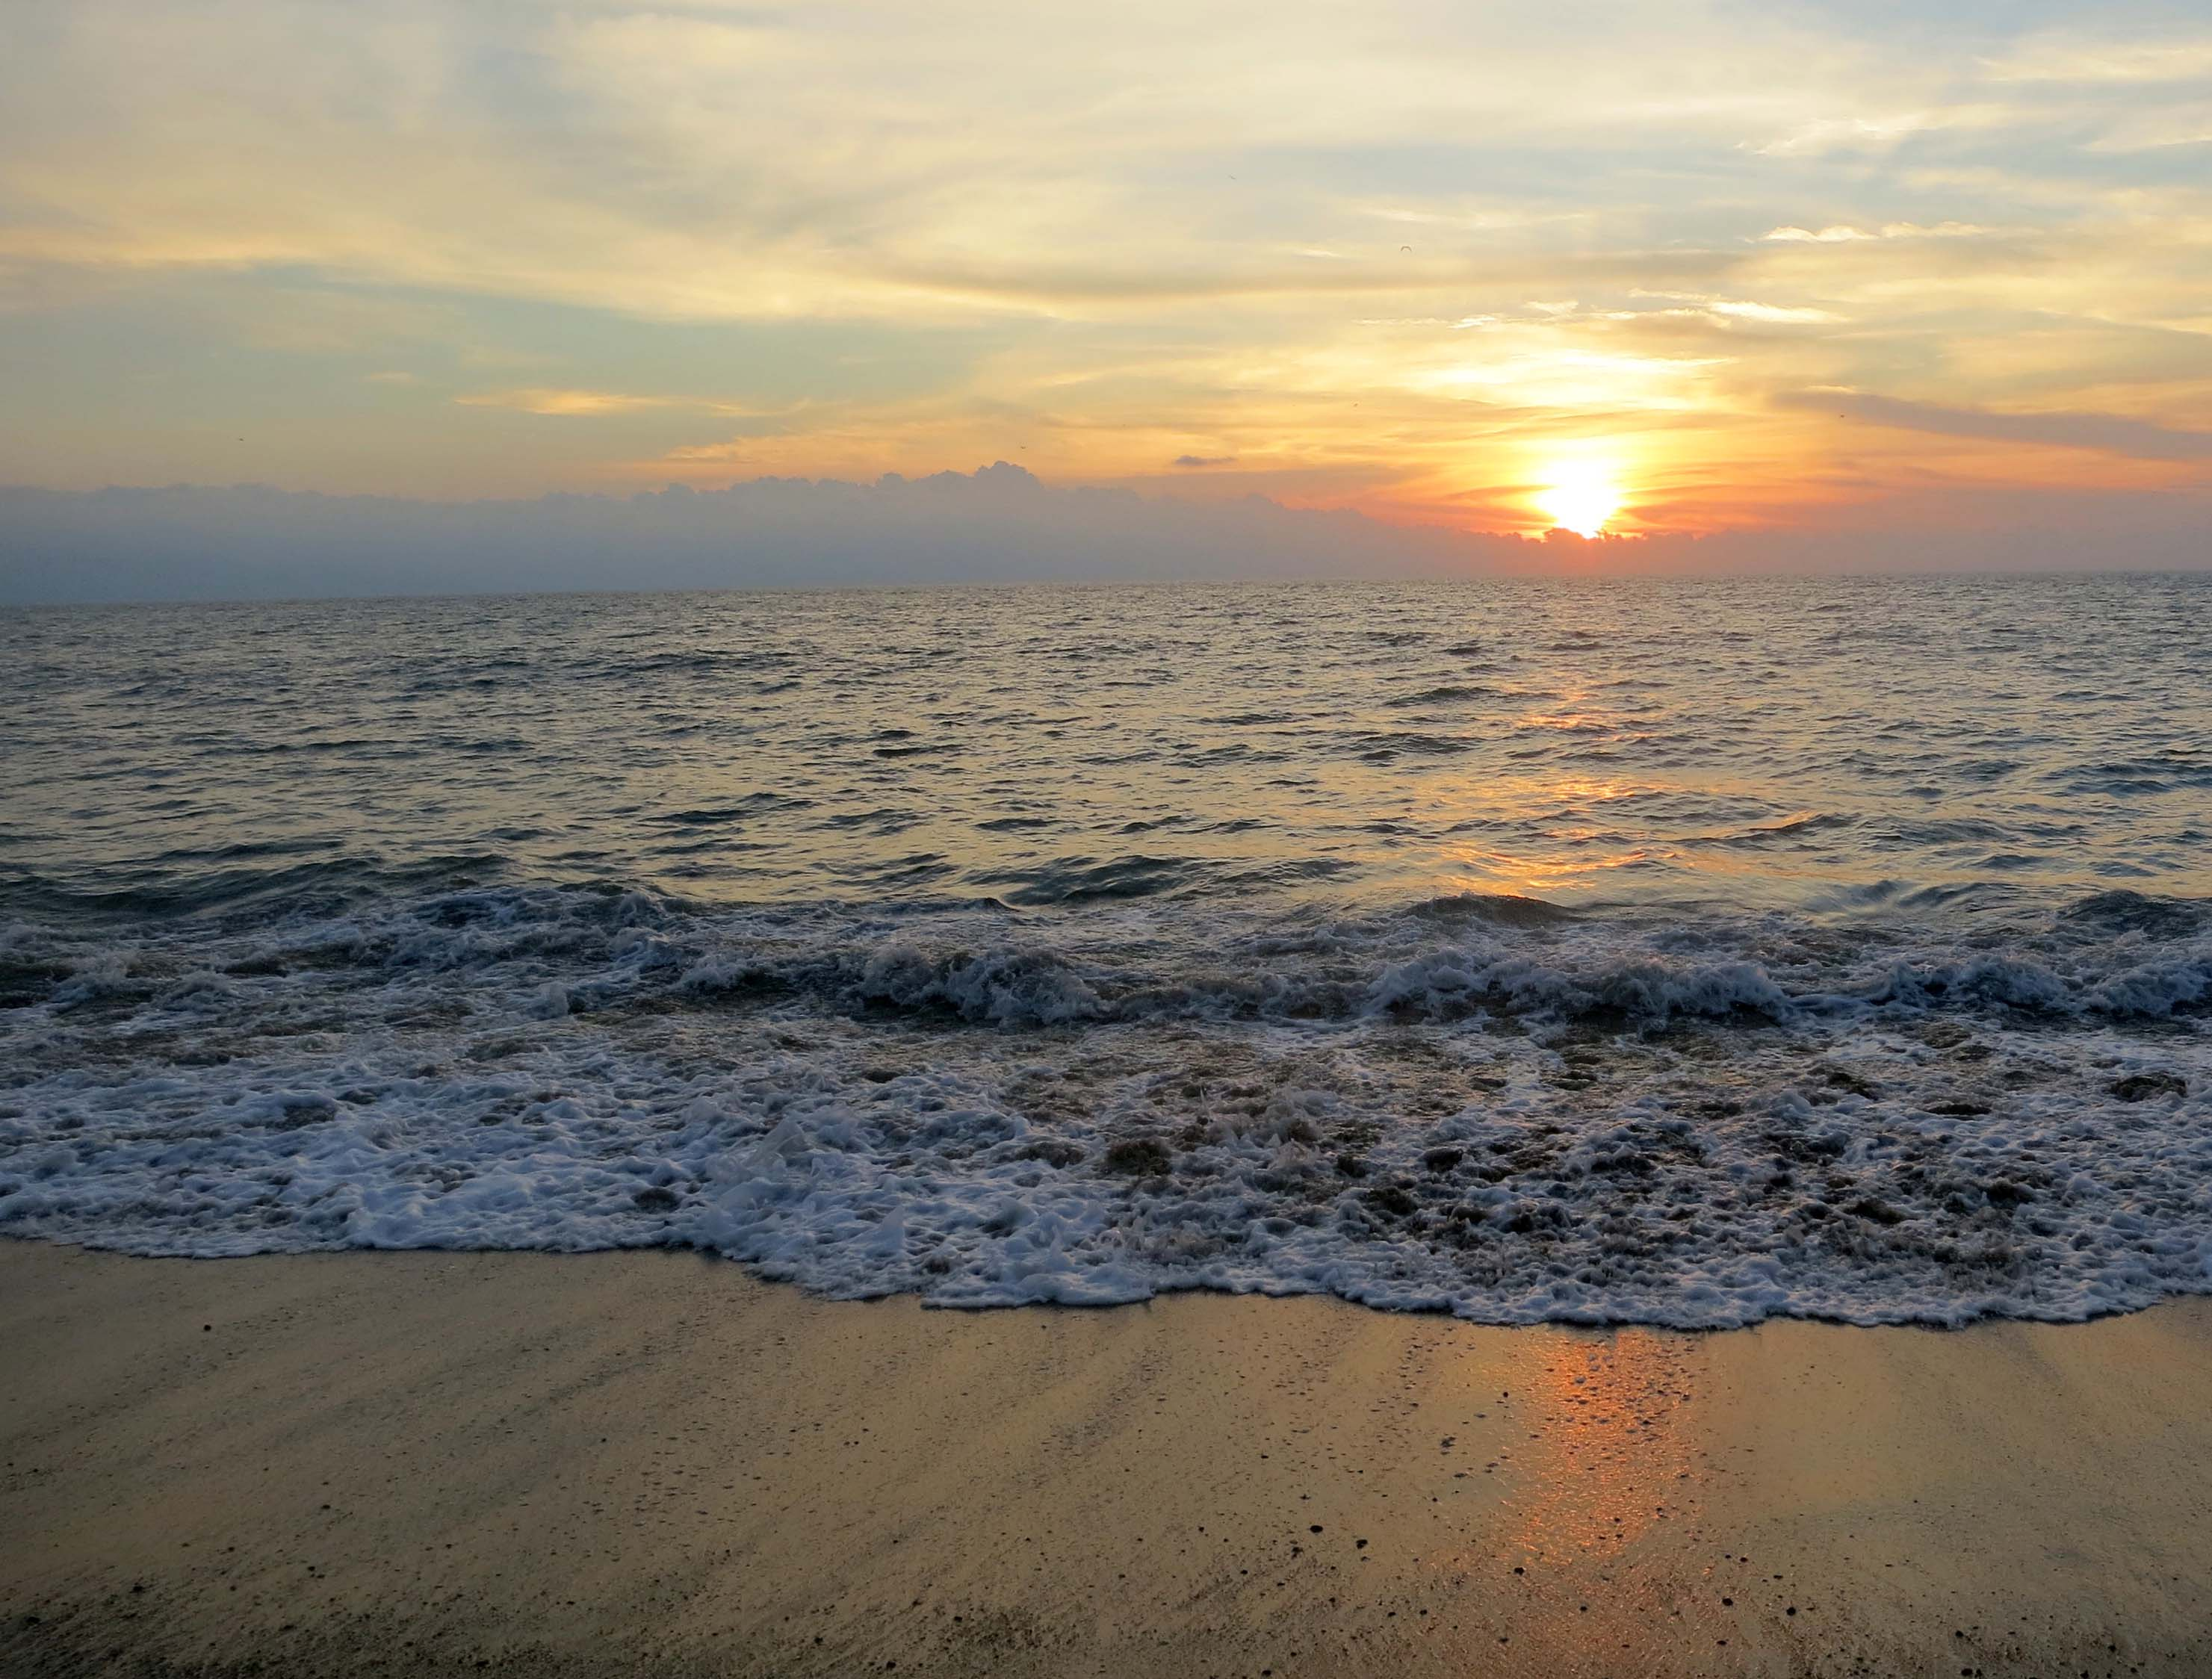 Puerto Vallarta beach sunset. (Photo by Curtis Mekemson.)